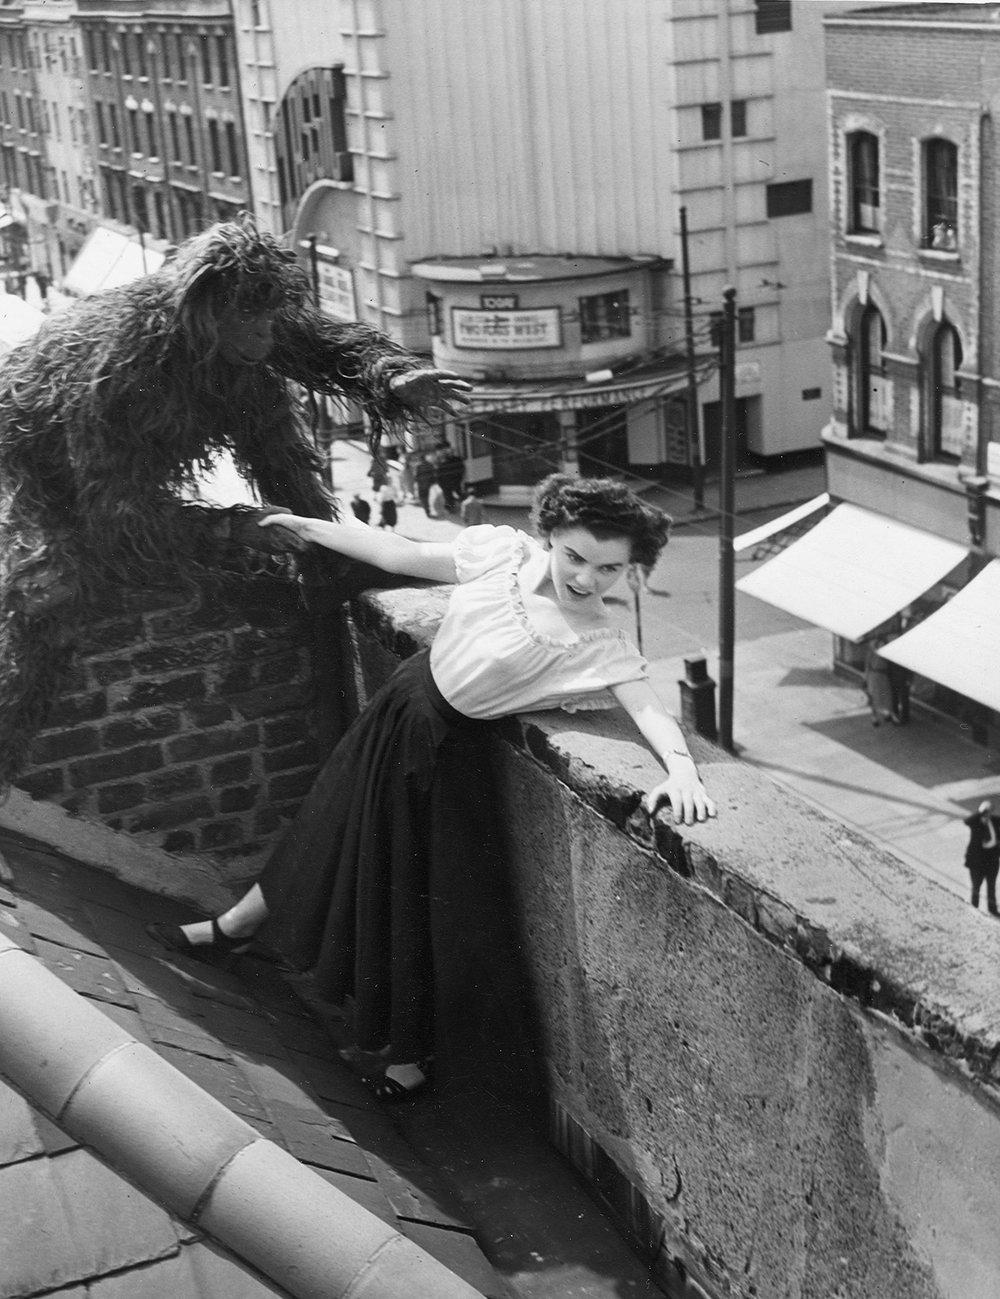 rio classic publicity stunt 1950.jpg